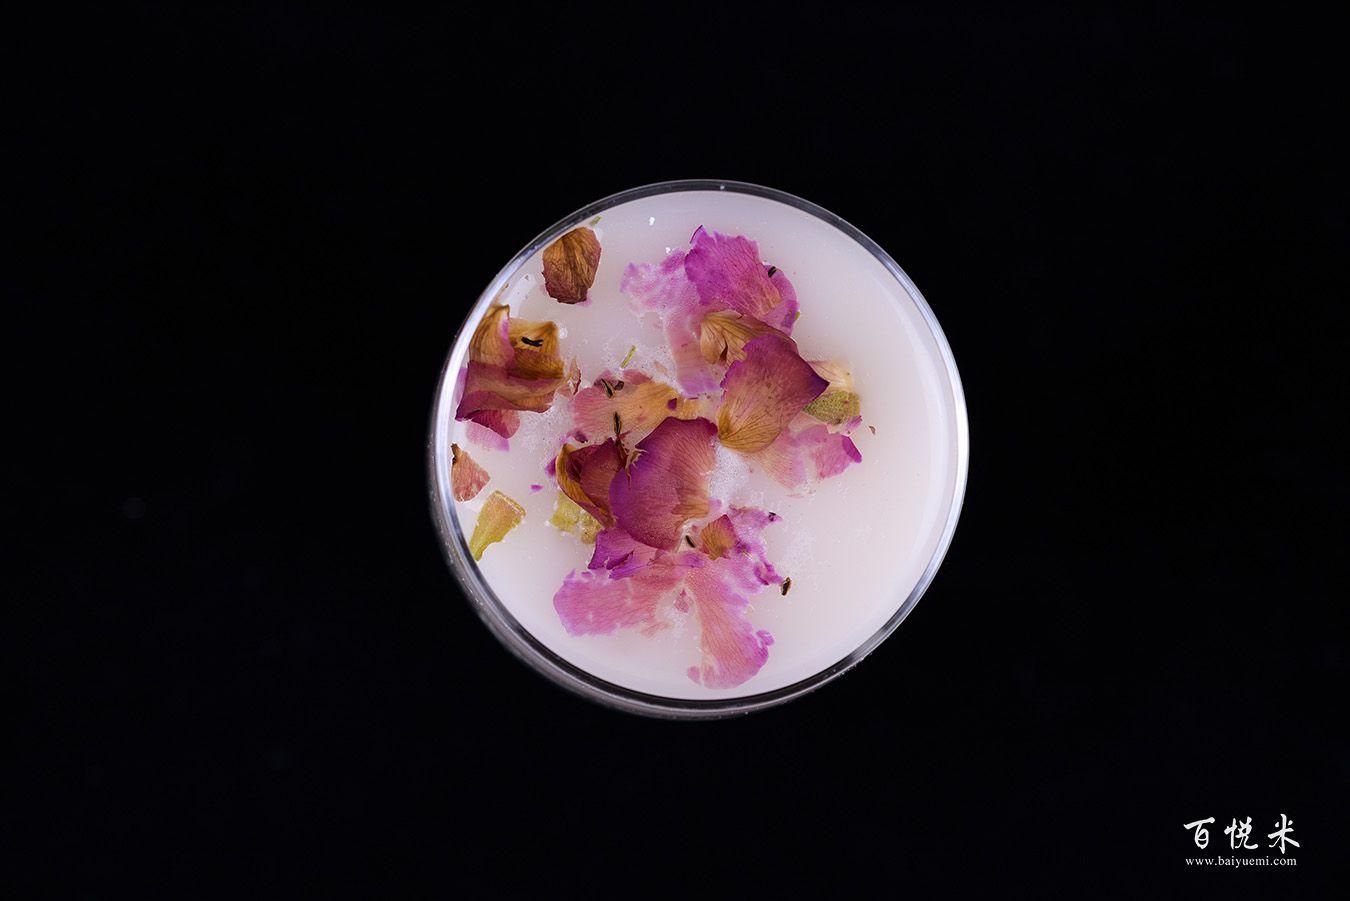 玫瑰奶茶高清图片大全【蛋糕图片】_1199